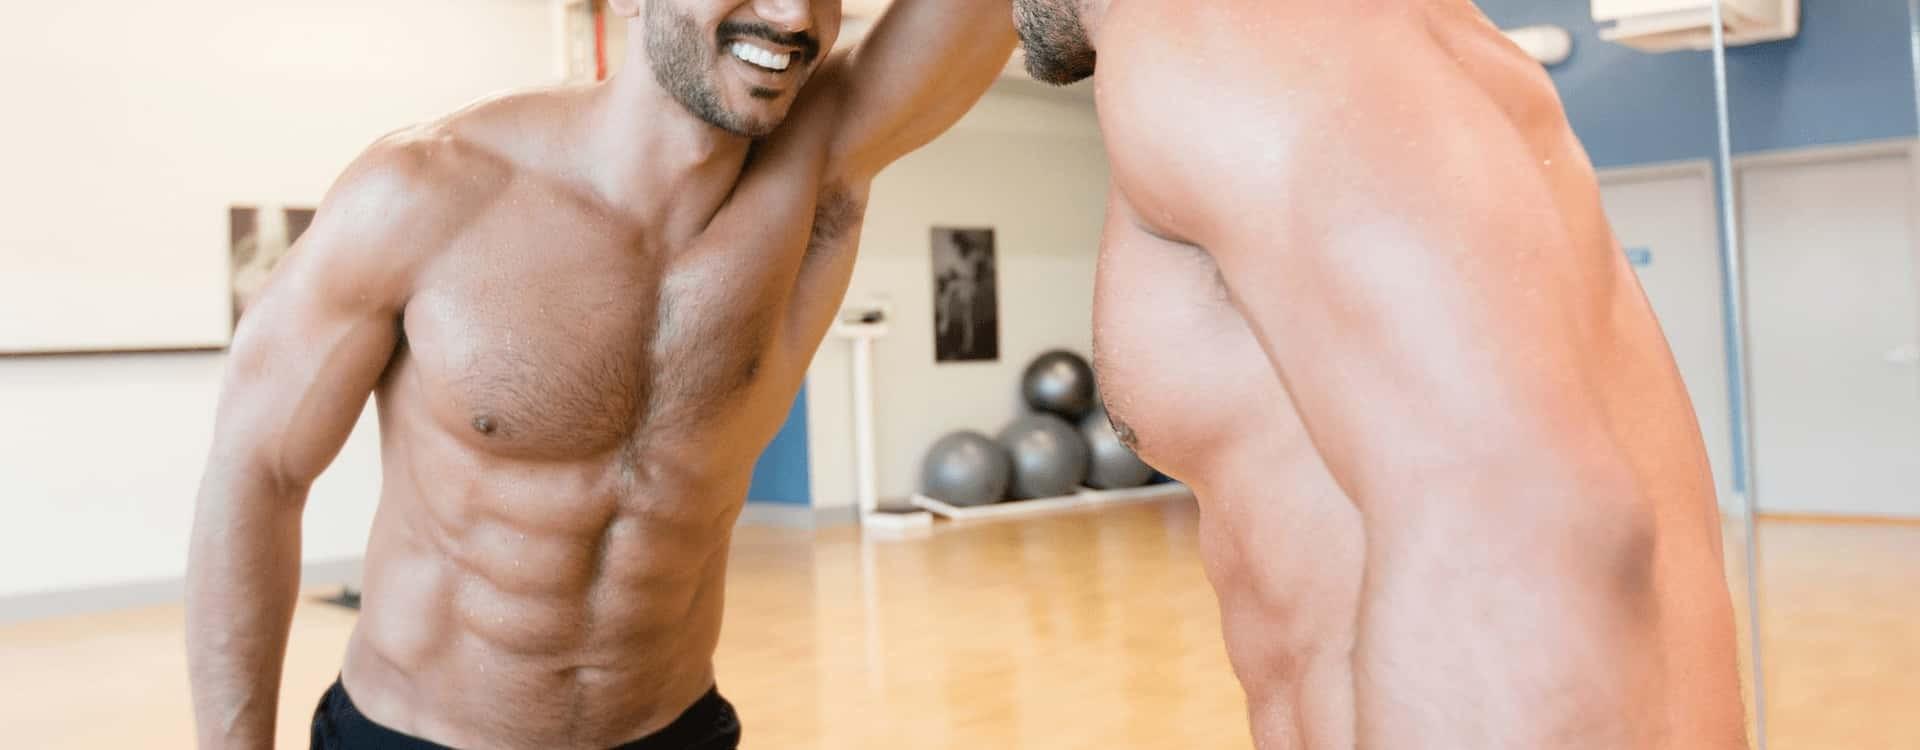 Cómo reafirmar la piel del abdomen